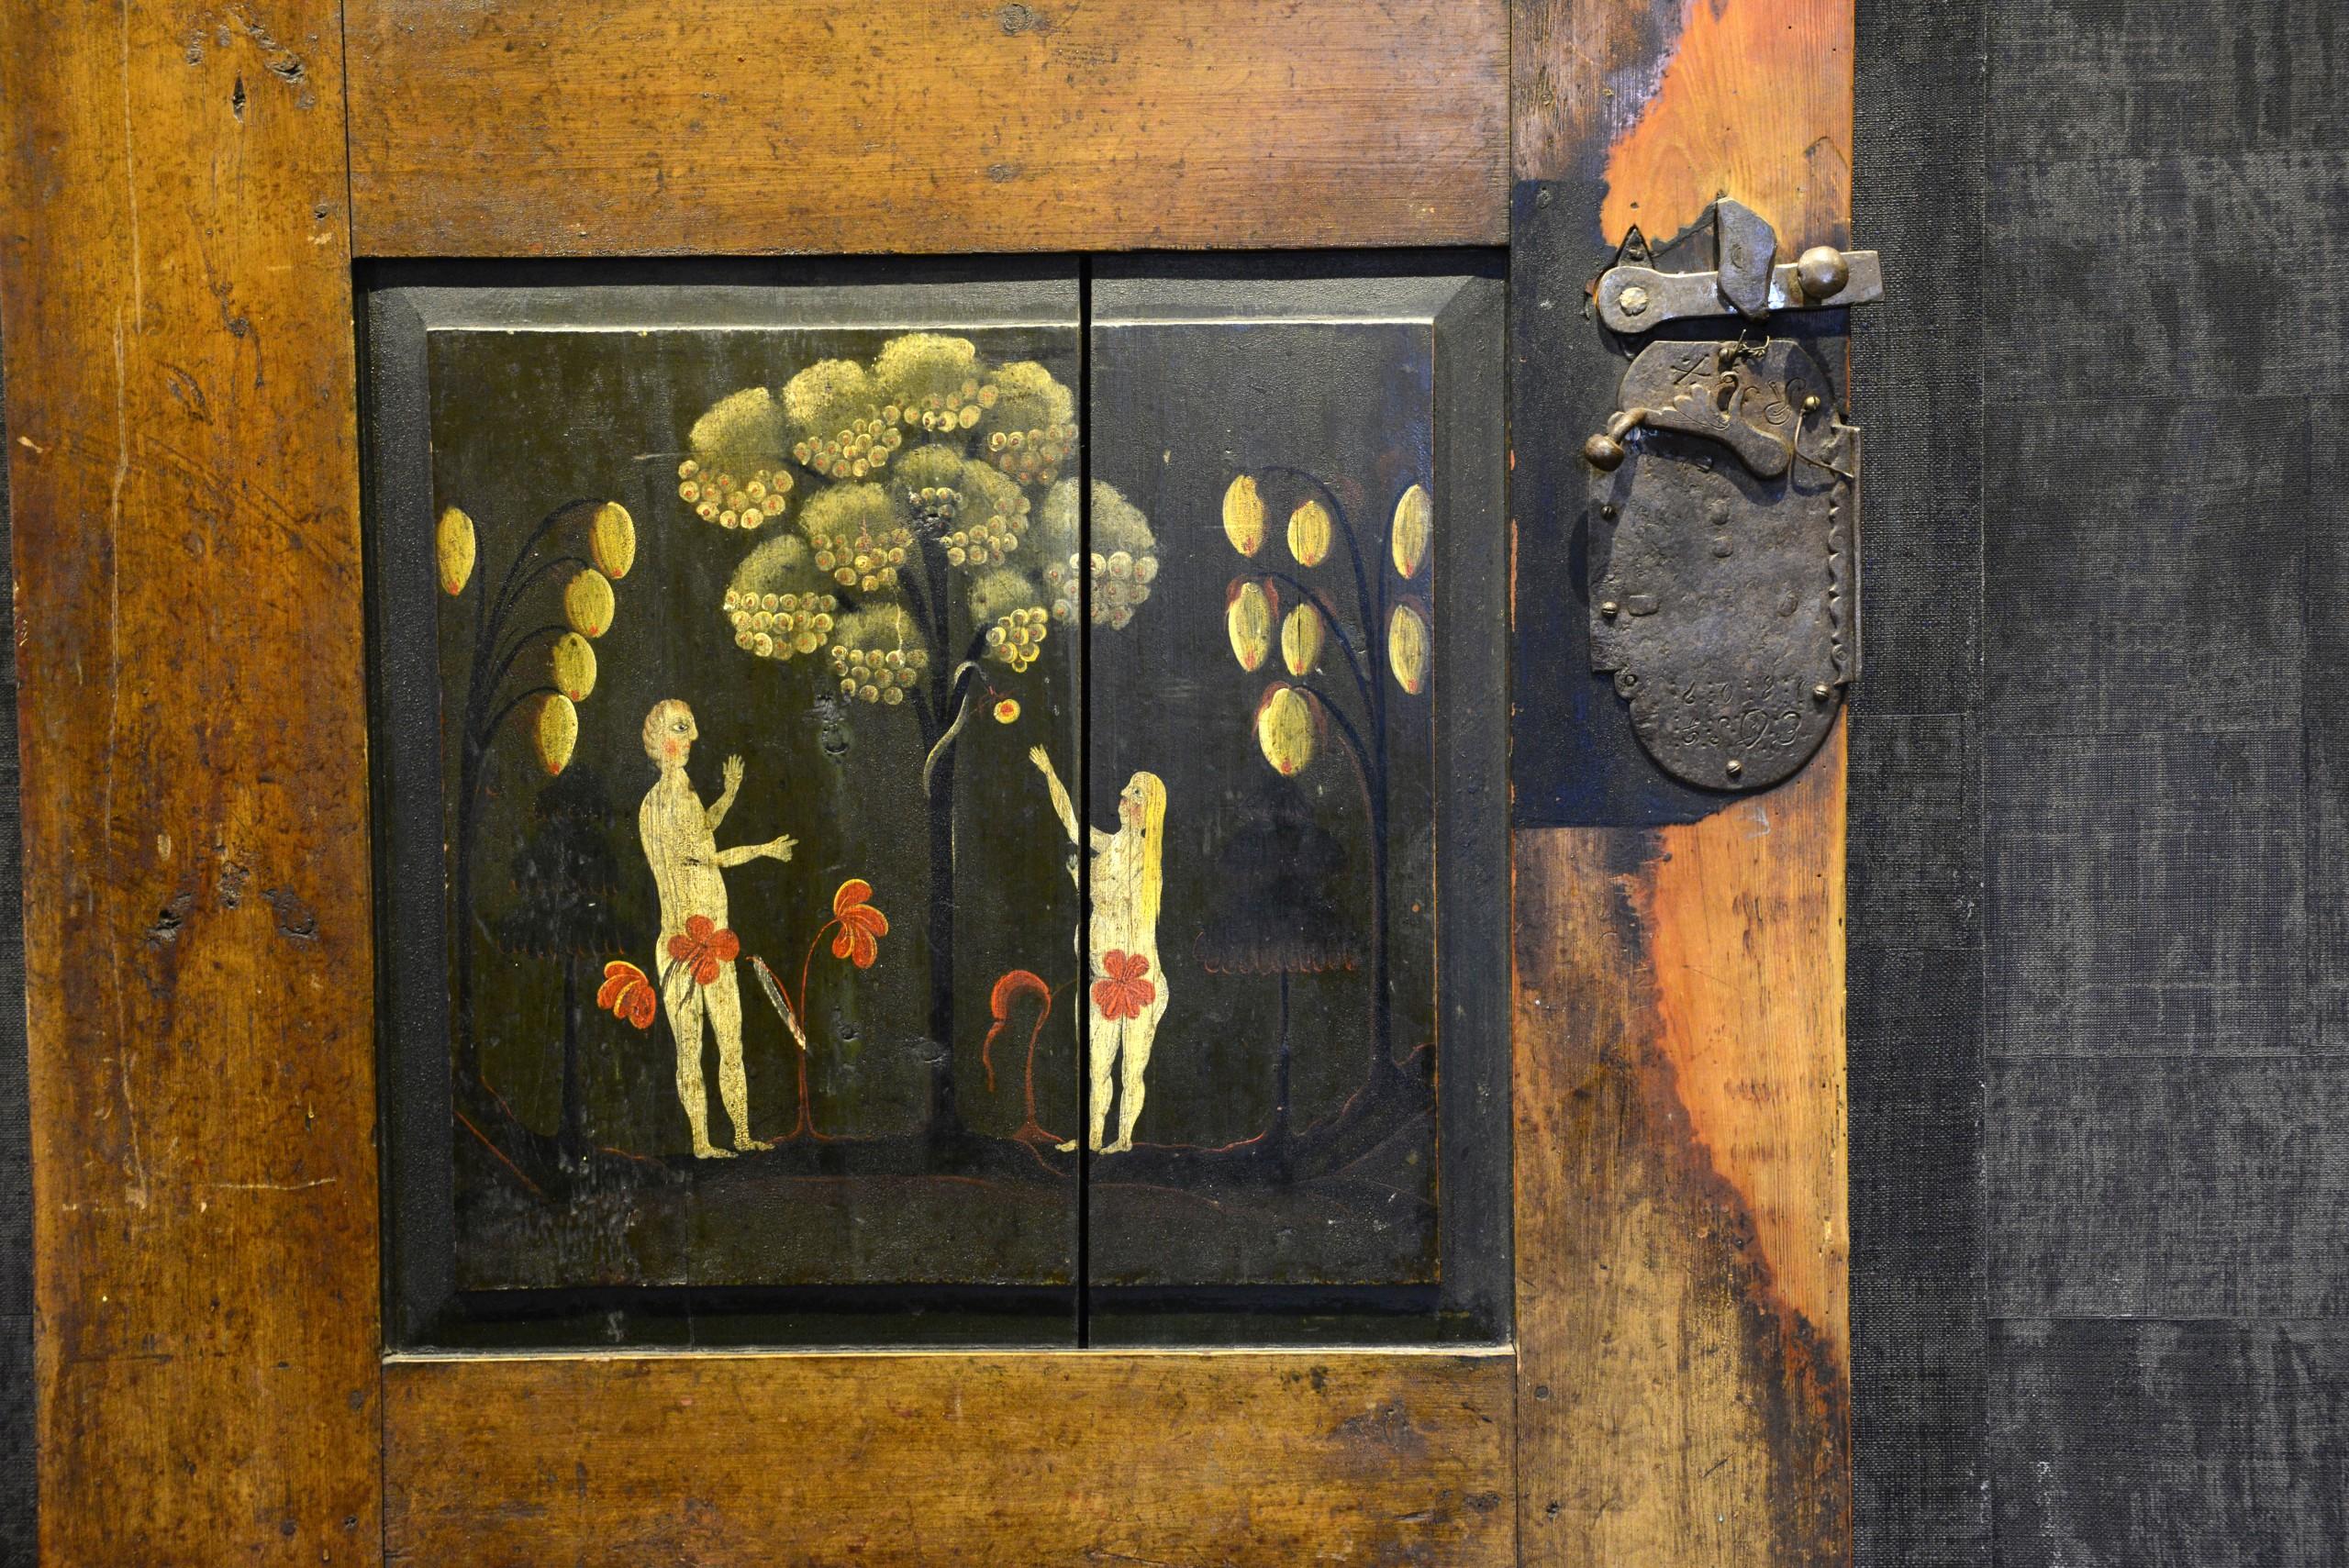 The Gundersen Collection er en imponerende samling av kunst og norske bondeantikviteter. Store deler av samlingen er stilt ut på hotellet Vestlia Resort i fjellbygda Geilo, Norge. The Gundersen Collection har også Norges viktigste private samling med grafikk av Edvard Munch. Ikke minst flere håndkolorerte grafiske verk. Her ser vi dør til ene kammerset. Dekorert med «Hallingrosa» som også går igjen på mange av de andre møblene. Malt av Embrik Bæra i 1846 til kårstua på garden Quie (Kvie) i Flå i Hallingdal. Kårstua er fra 1667.